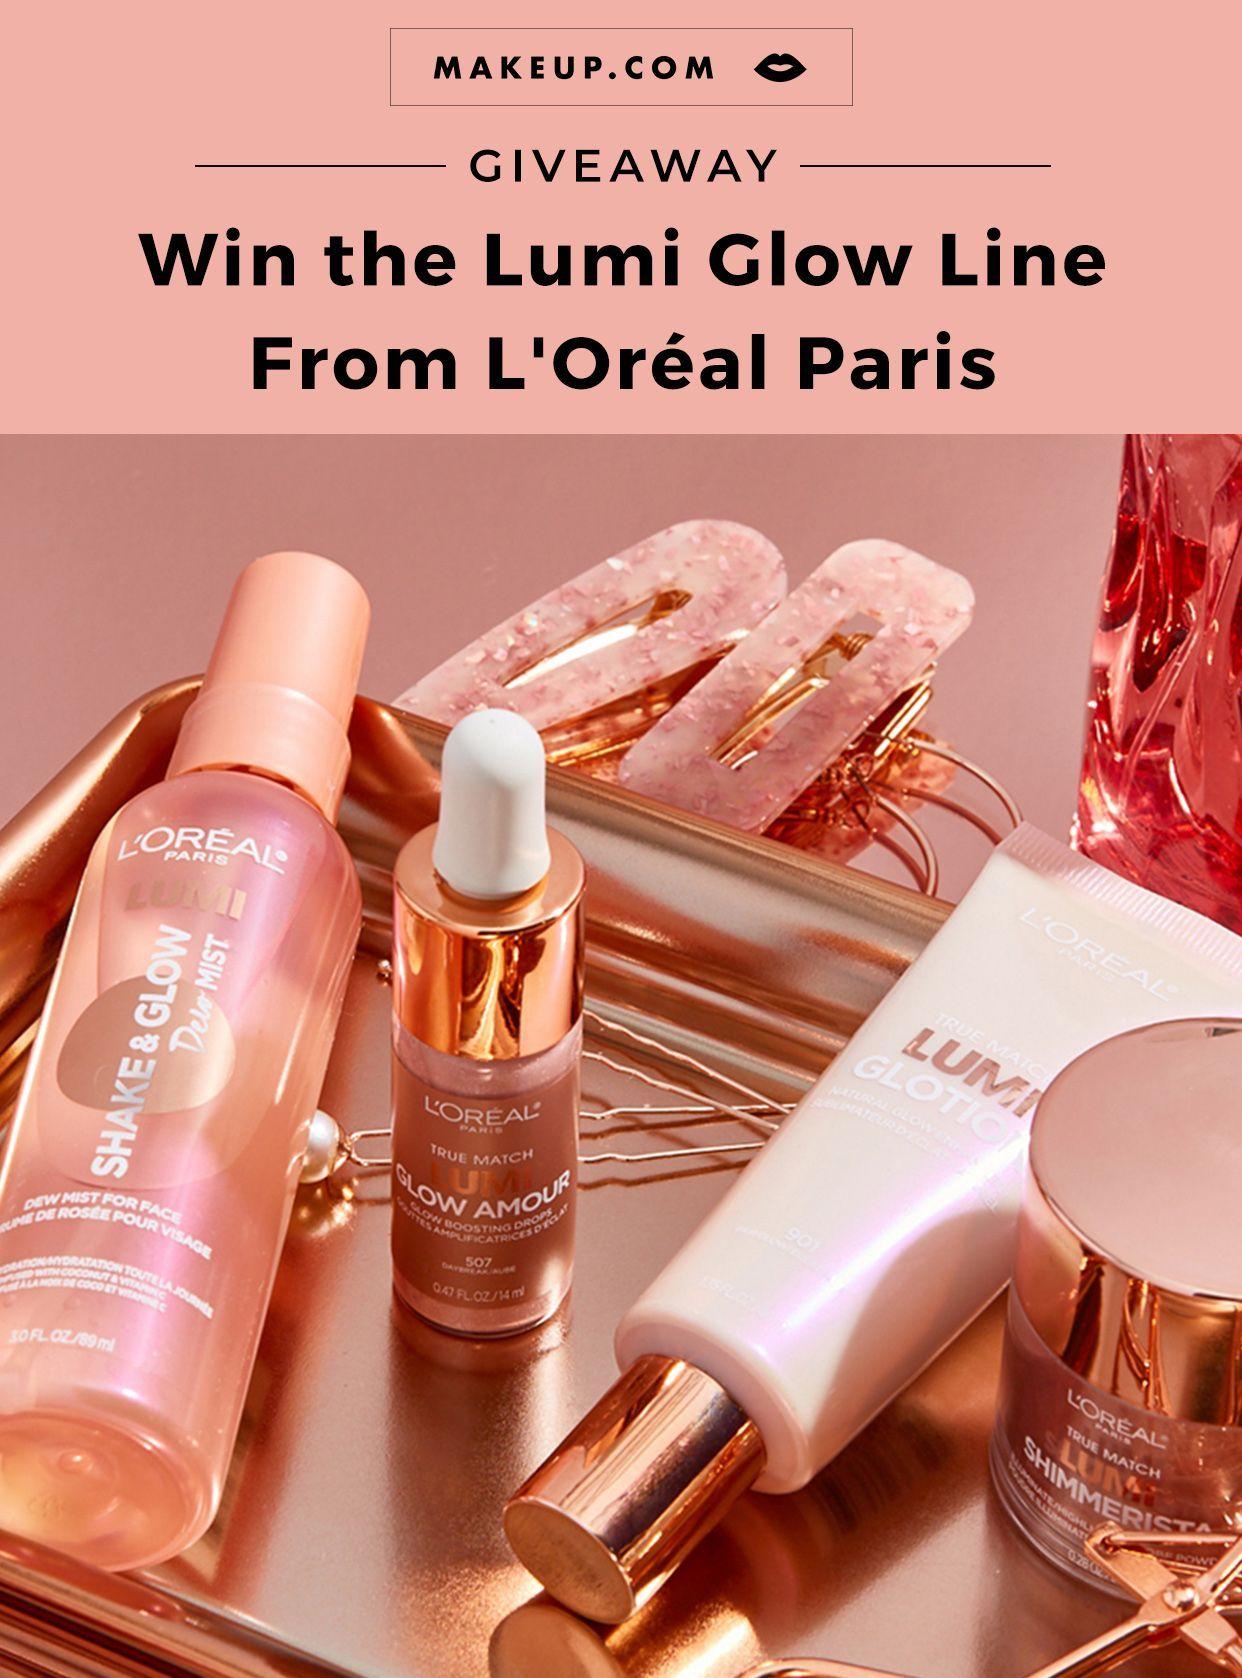 LOréal Paris Lumi Glow Giveaway 2019 Powered